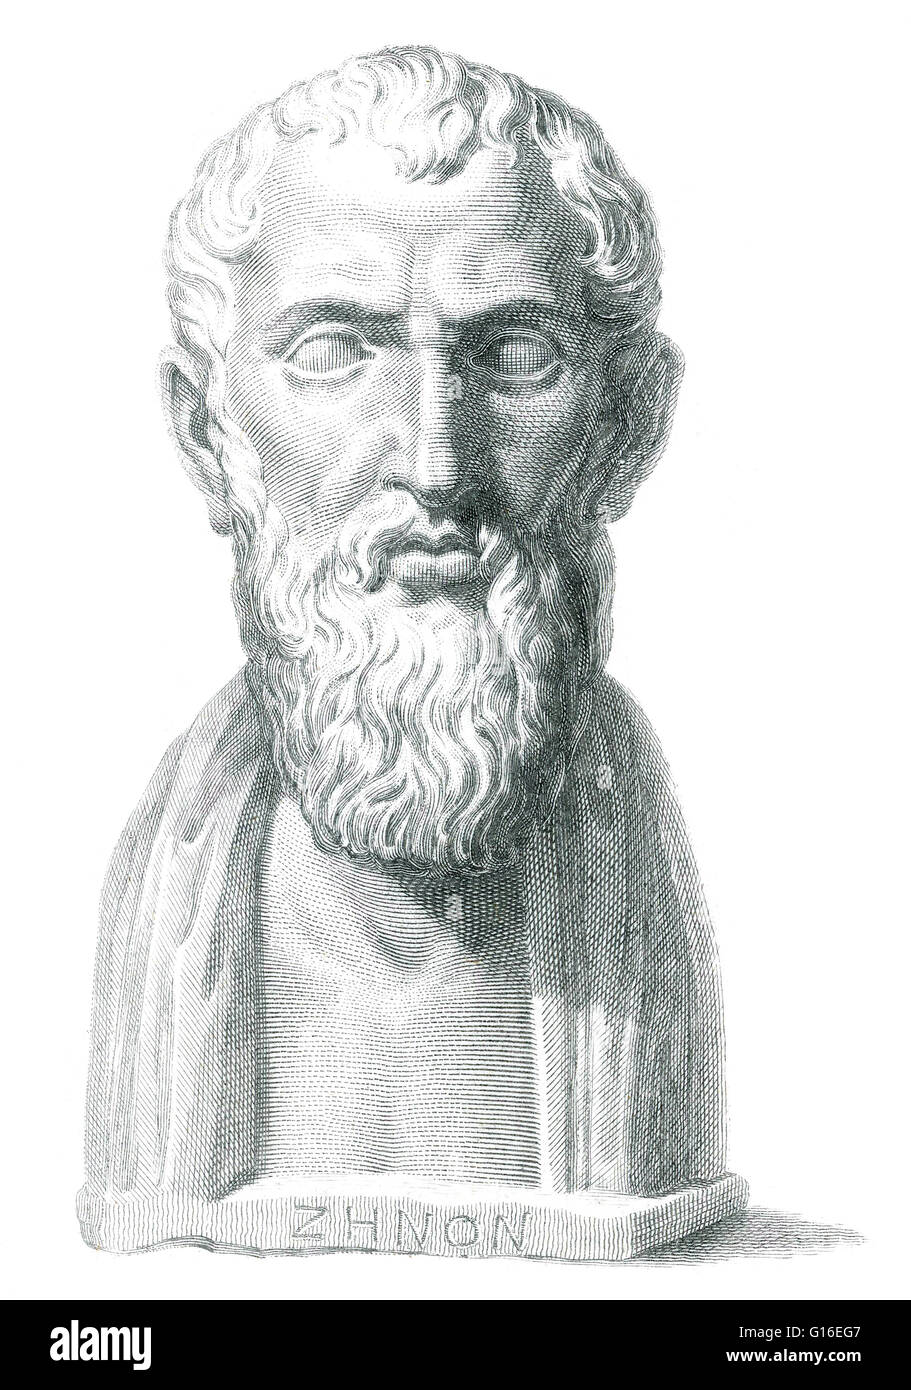 Αποτέλεσμα εικόνας για stoicism philosophy